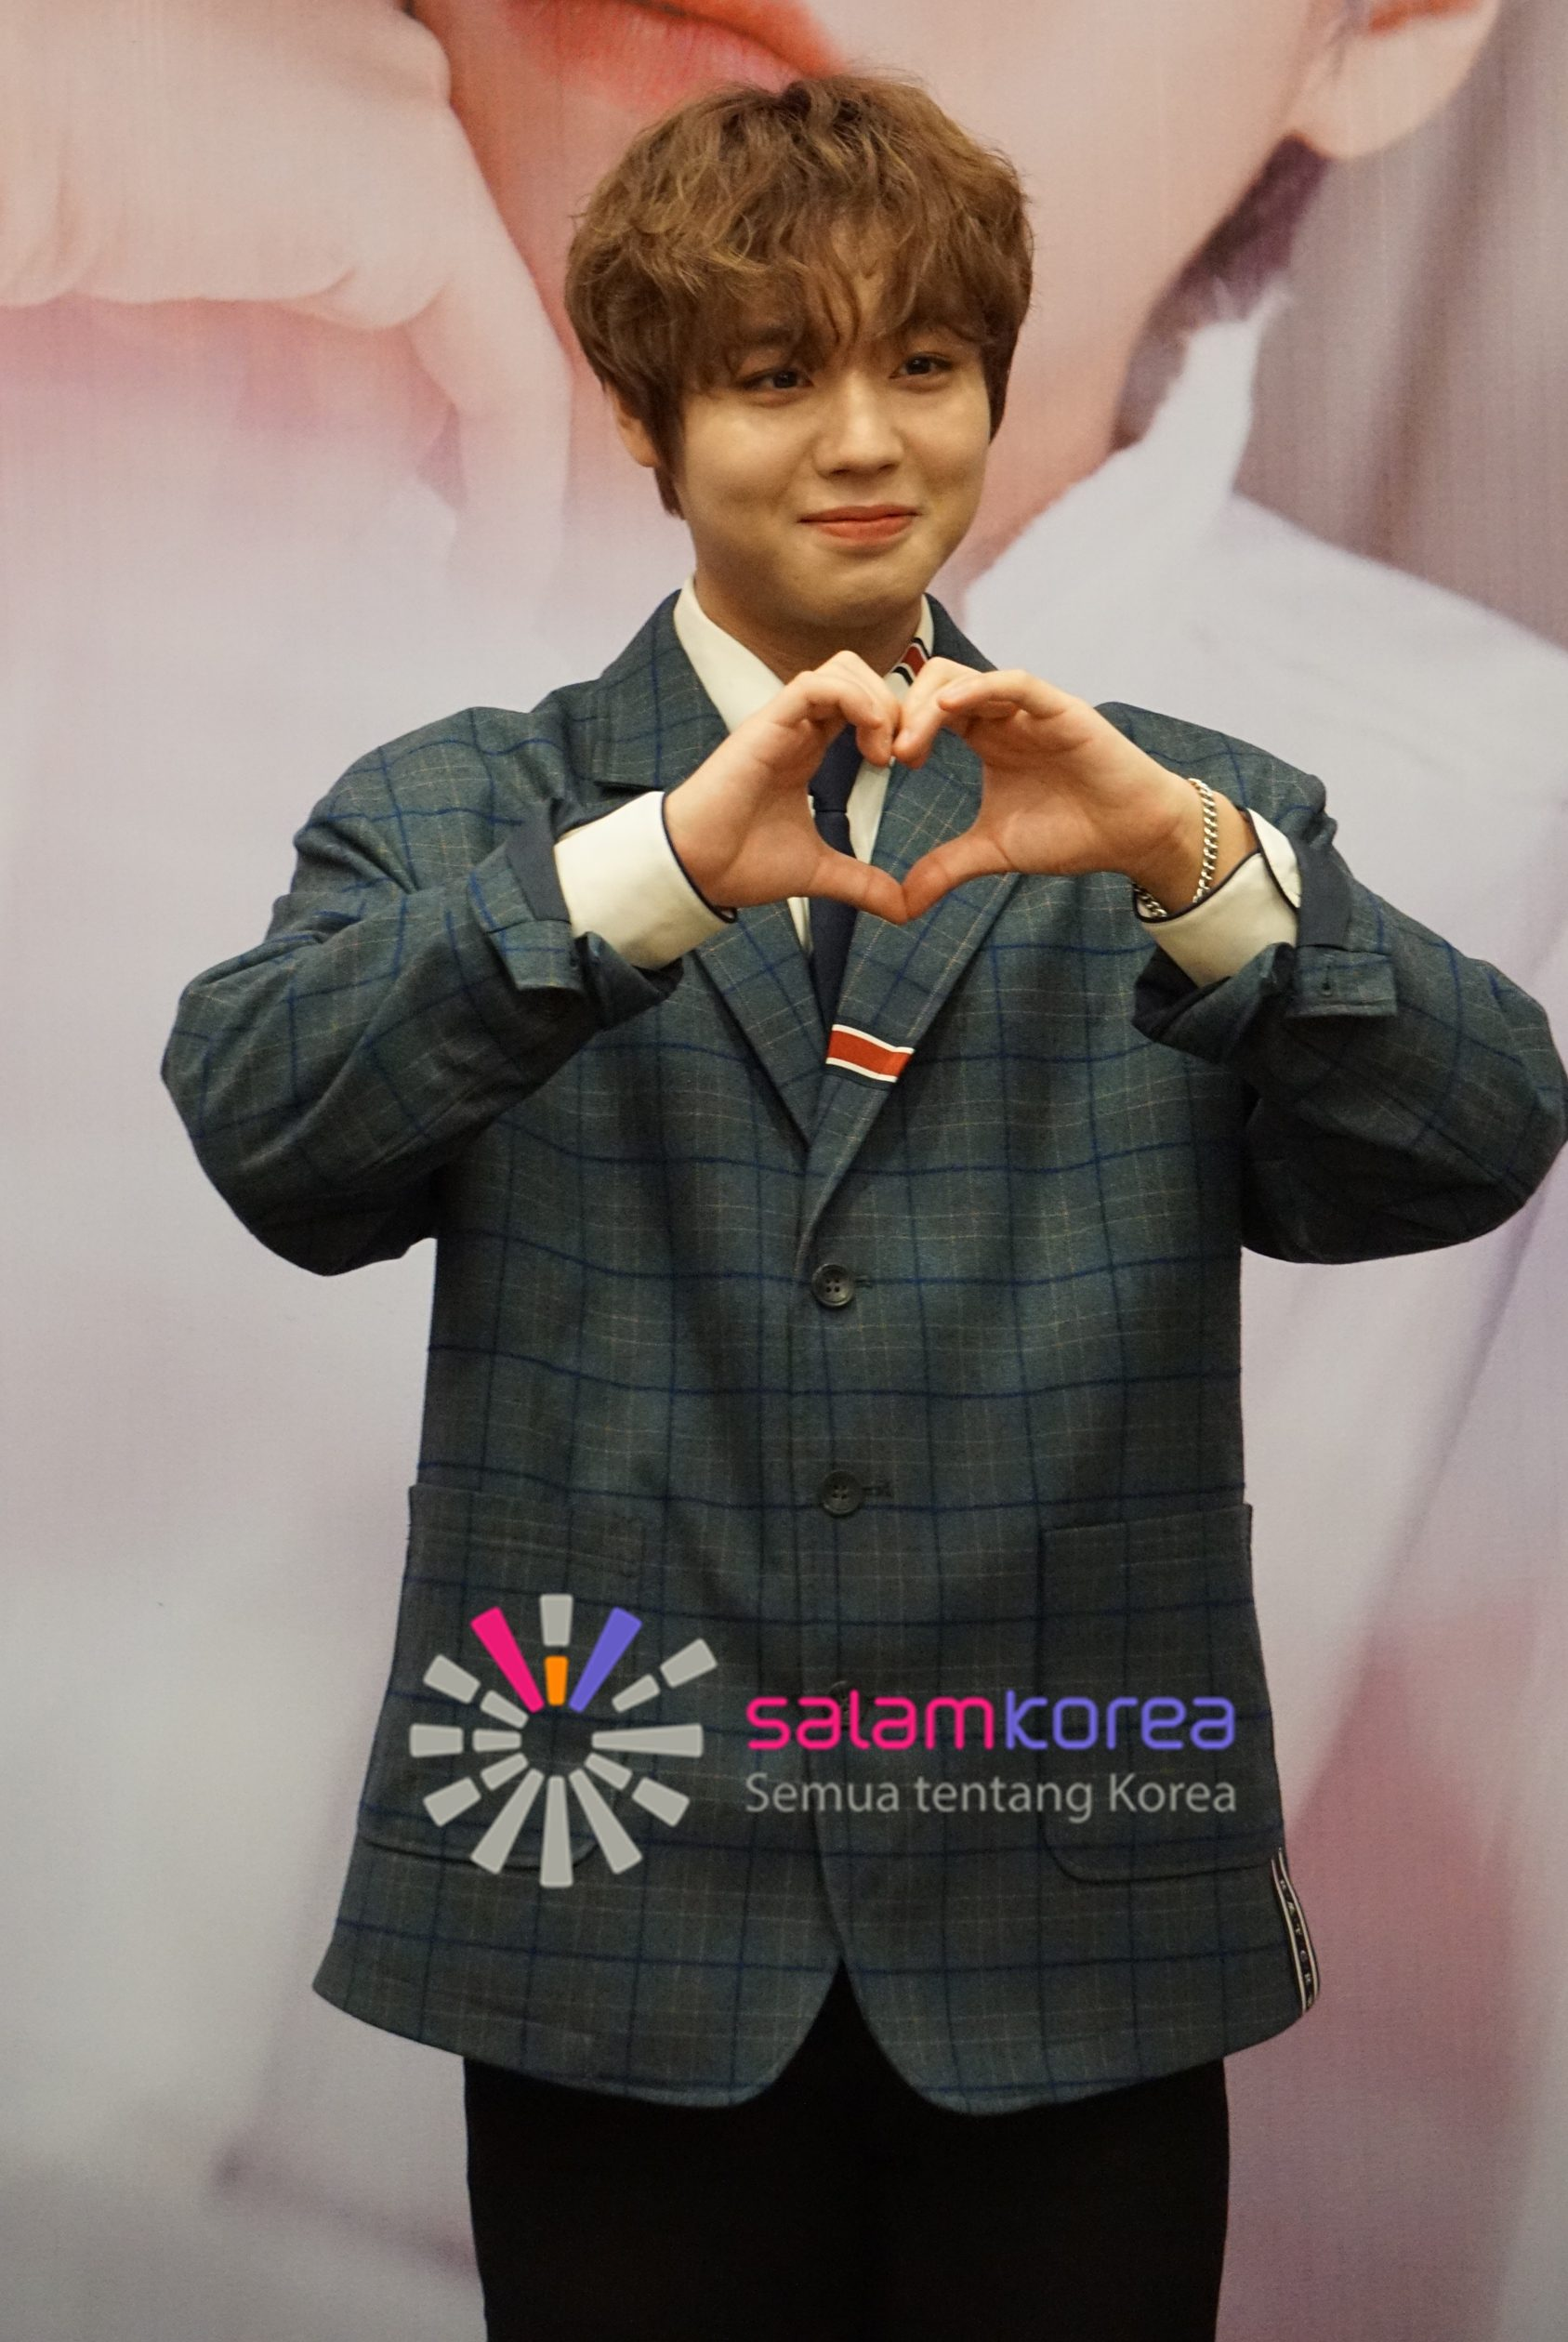 tanya-jawab-bareng-park-ji-hoon-dari-wanna-one-sampai-jadi-solois-salam-korea-1